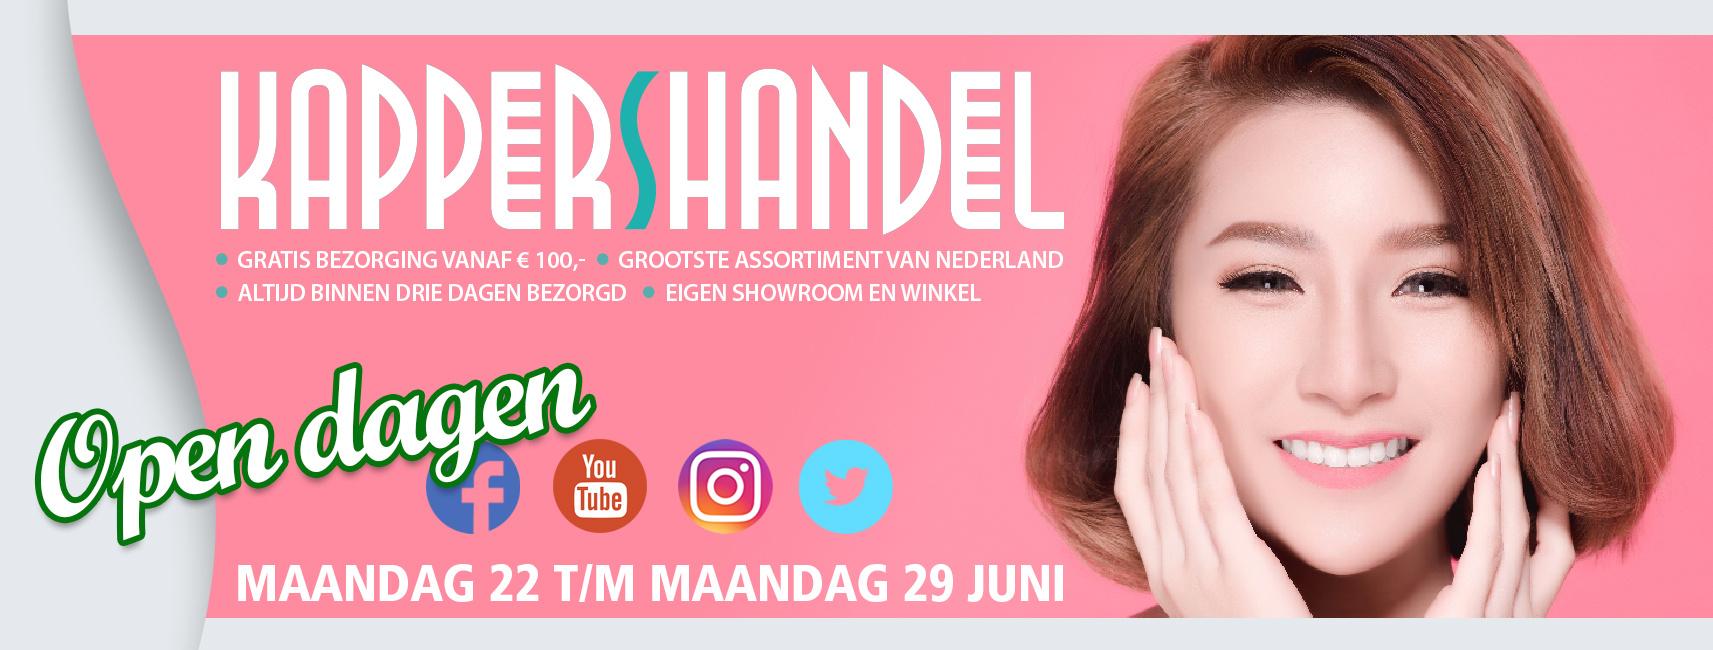 Kappershandel Open Dagen Extra Lang - van 22 t/m 29 Juni!